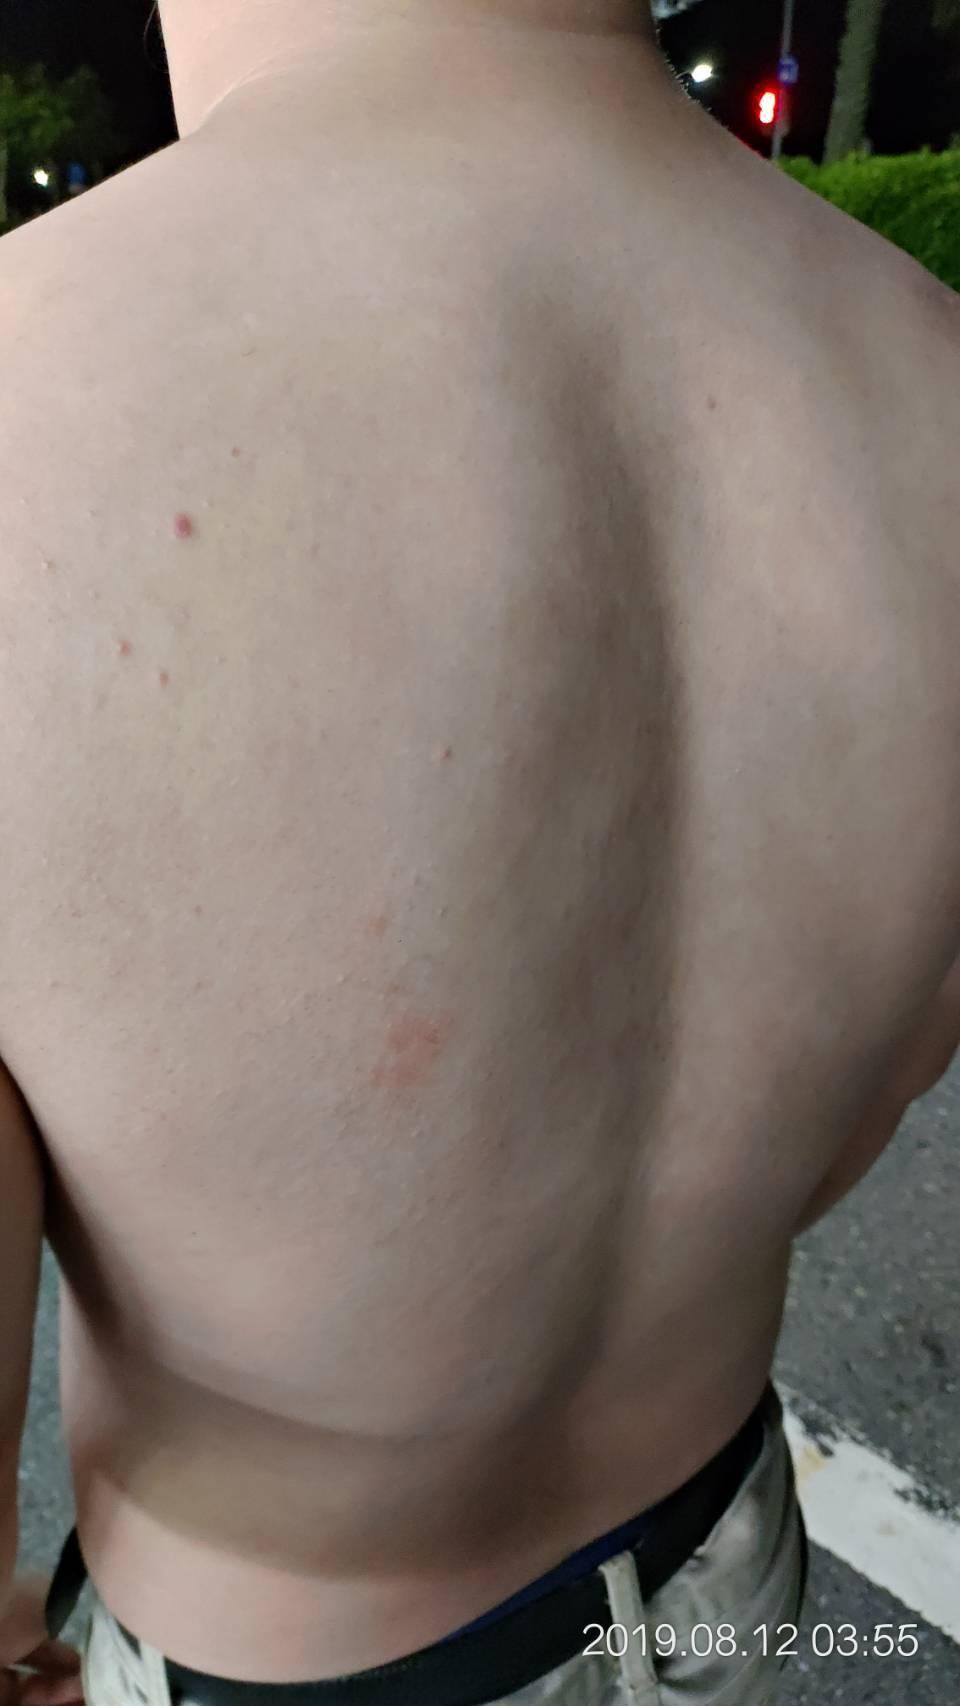 被害男子遭警方壓制踹打,背部留下紅腫傷痕。圖/被害當事人提供